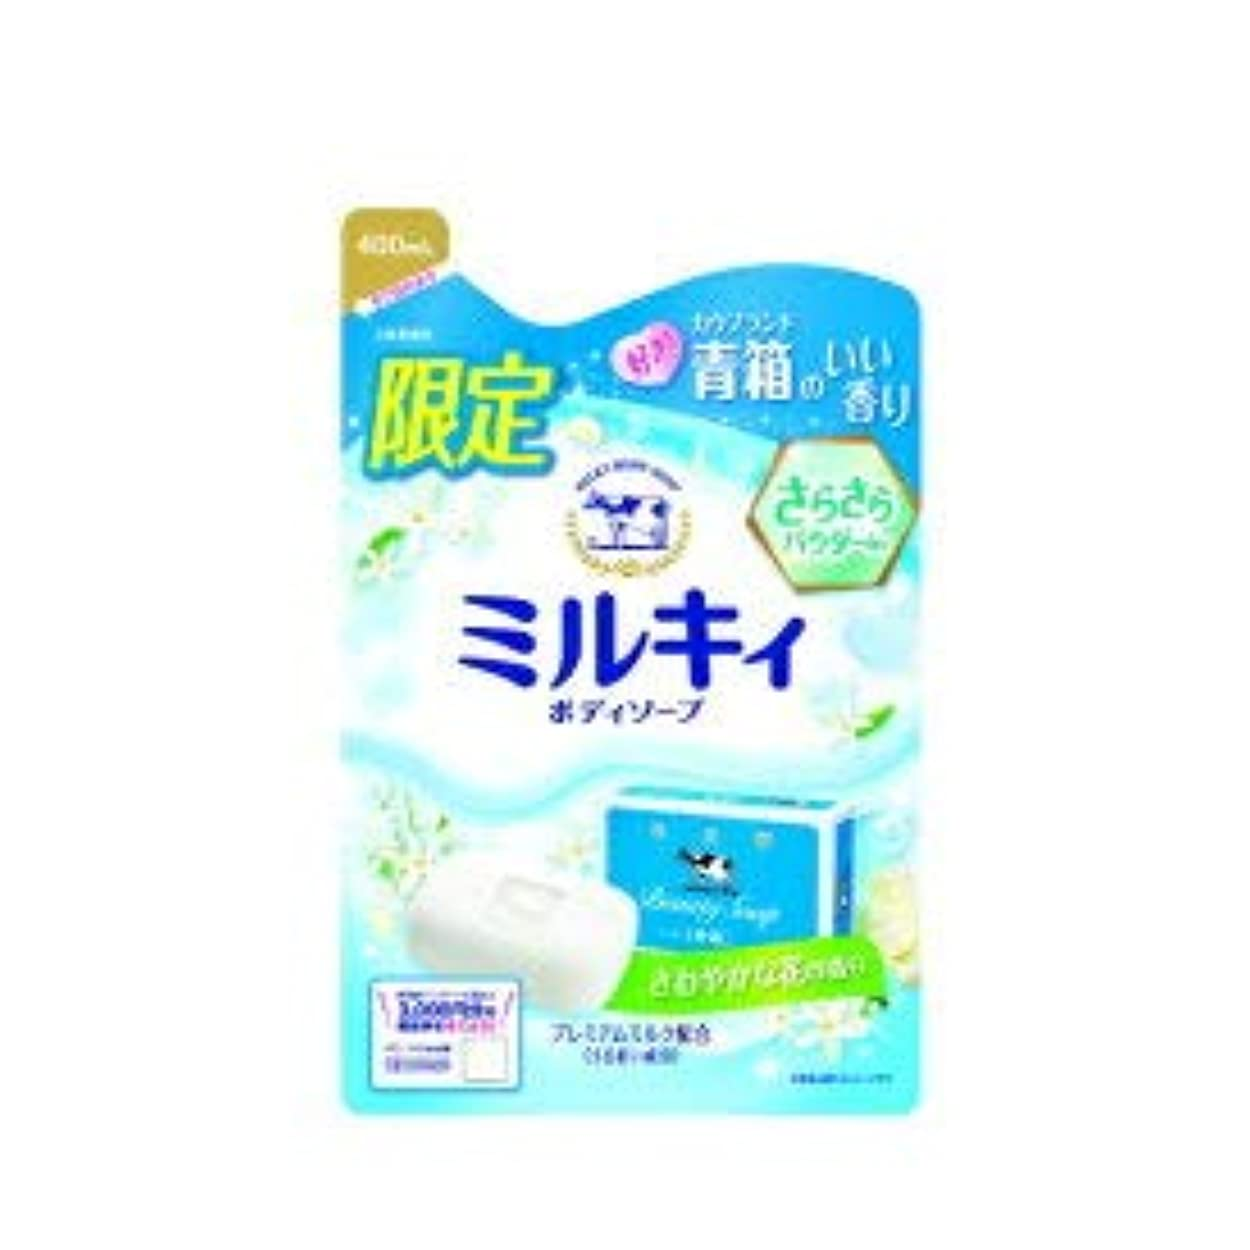 羊シュート消毒する【限定】ミルキィボディソープ 青箱の香り 詰替 400ml